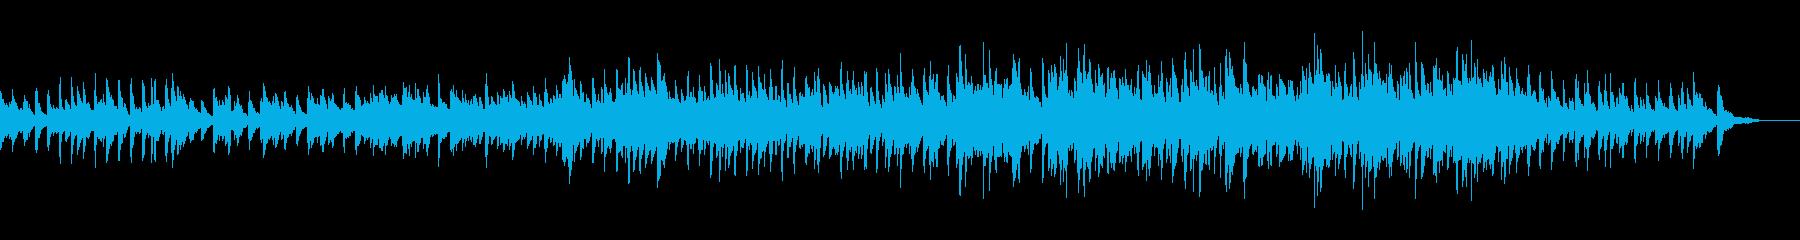 結婚式風BGMの再生済みの波形